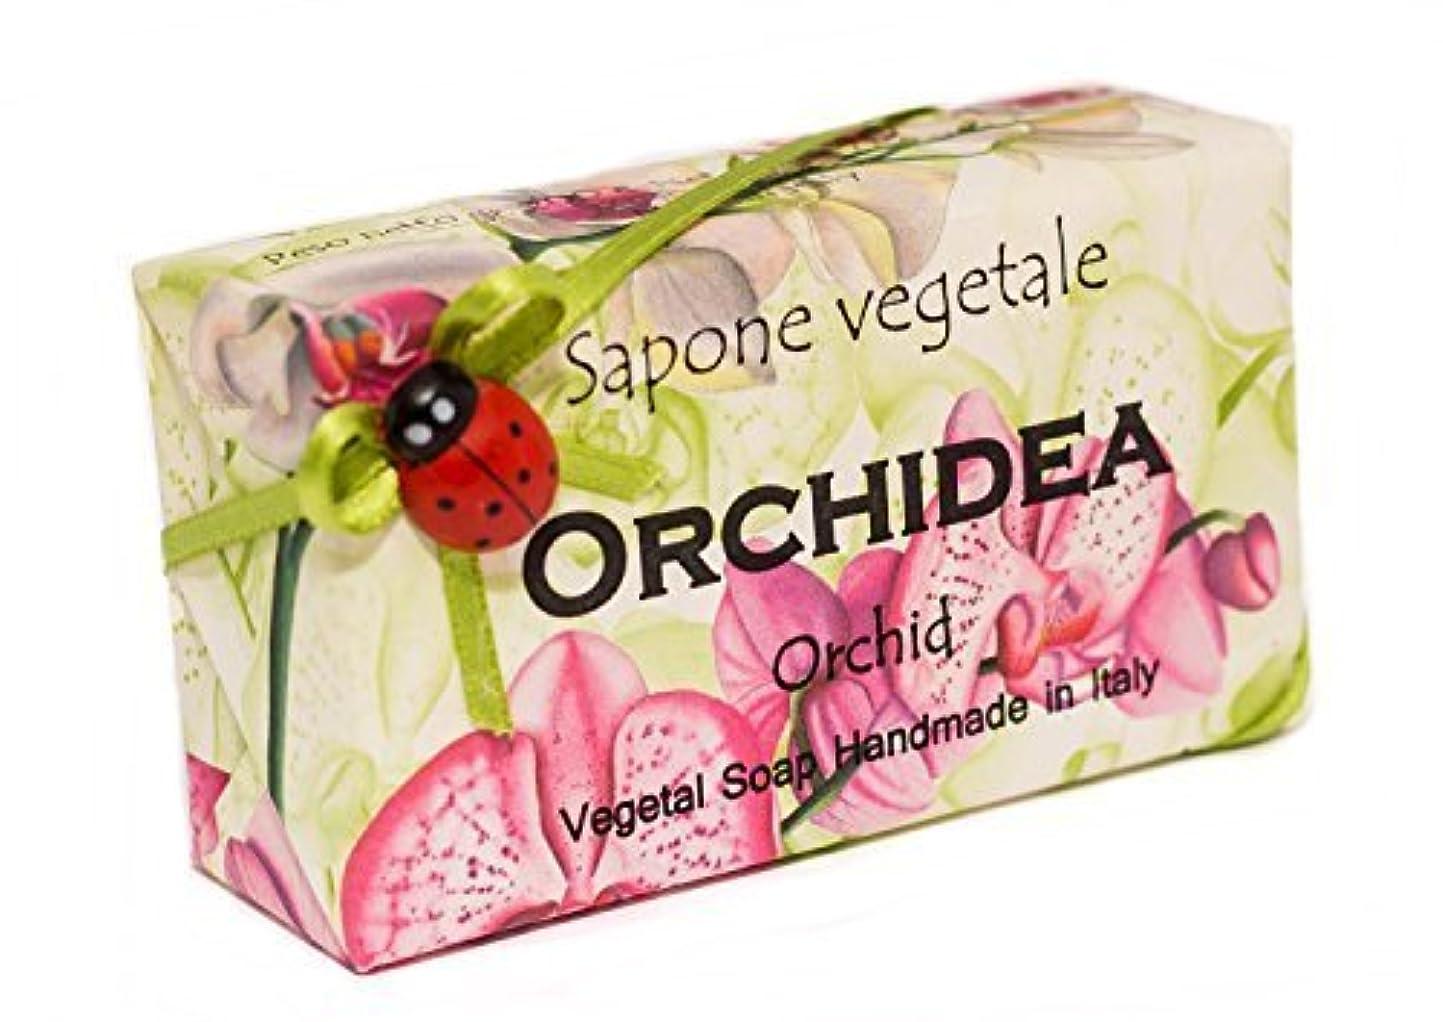 願う北西逸脱Alchimia オルキデア(蘭)、イタリアからの野菜の手作りソープバー [並行輸入品]